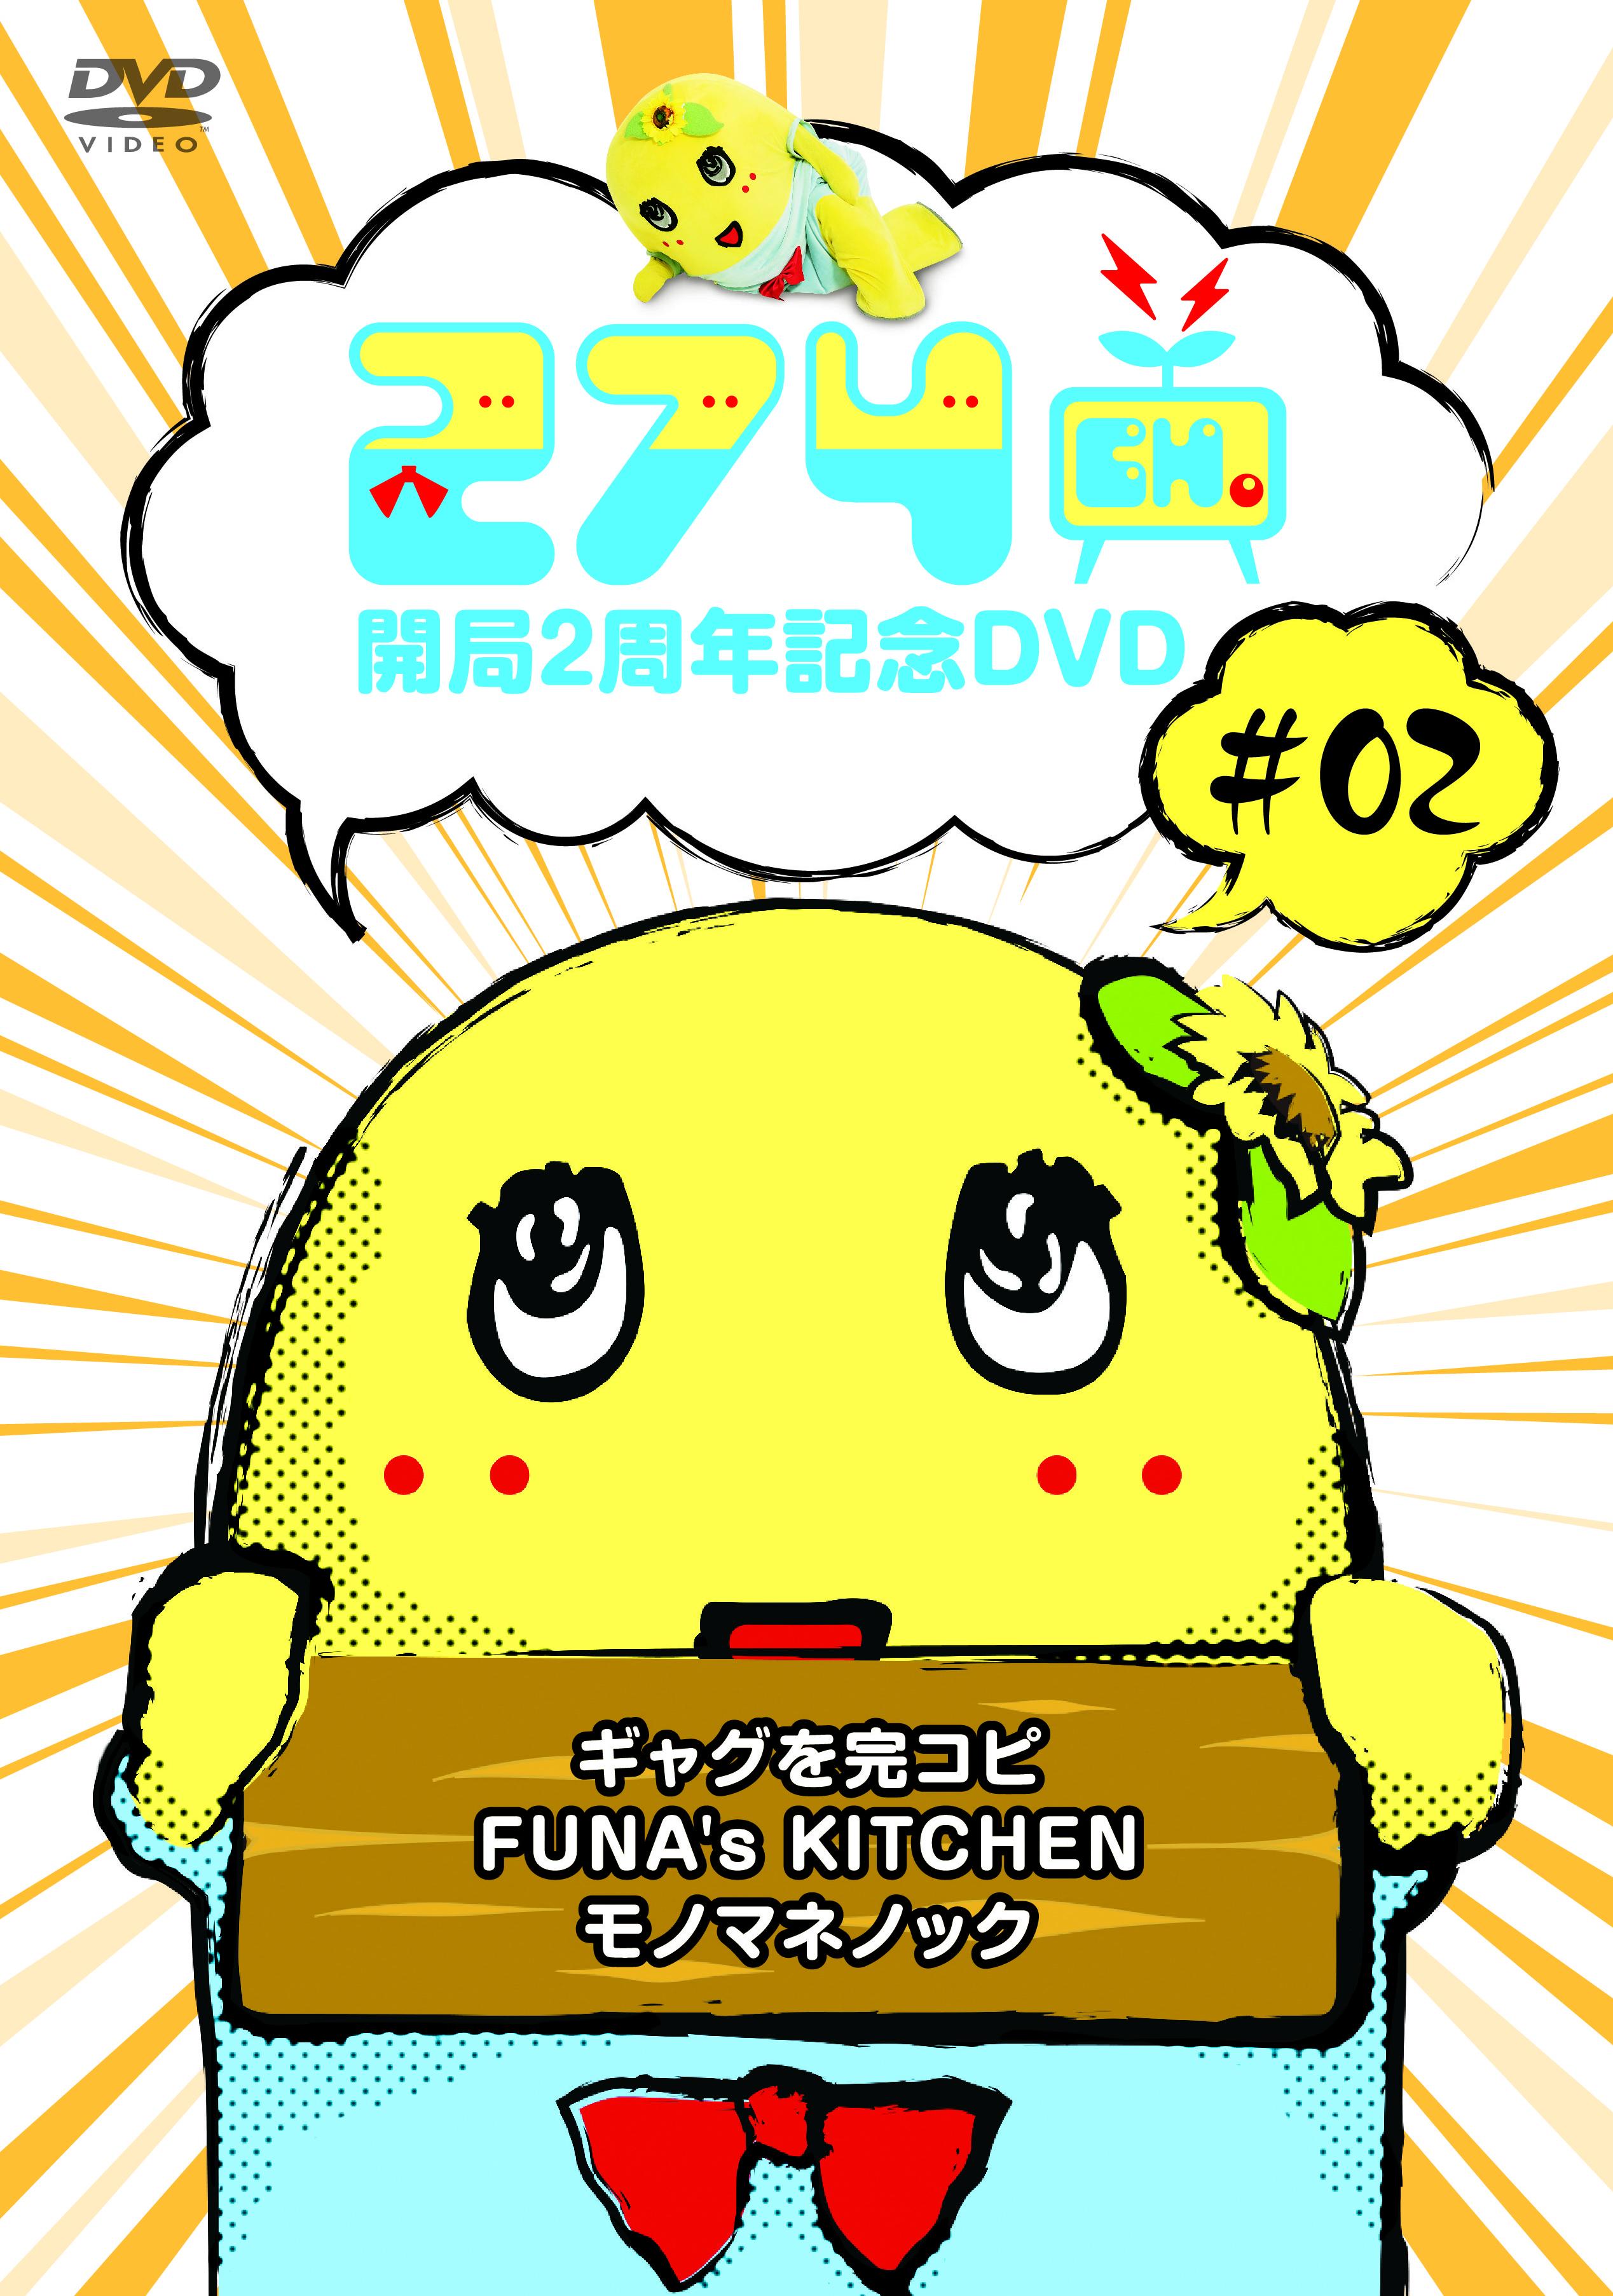 274ch. 開局2周年記念DVD#2「ギャグを完コピ/FUNA's KITCHEN/モノマネノック」